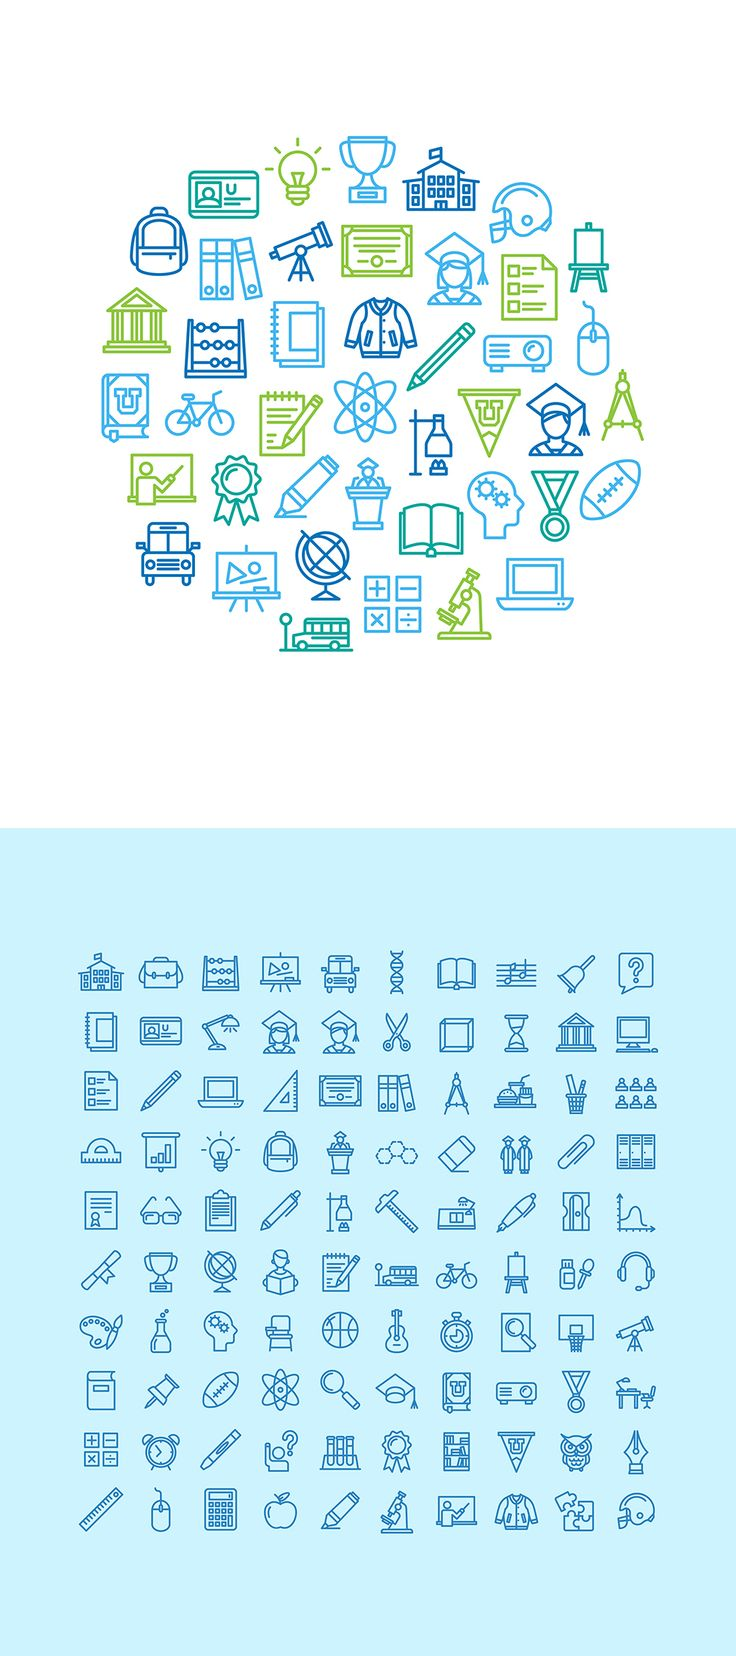 Education icon set - Free on Behance